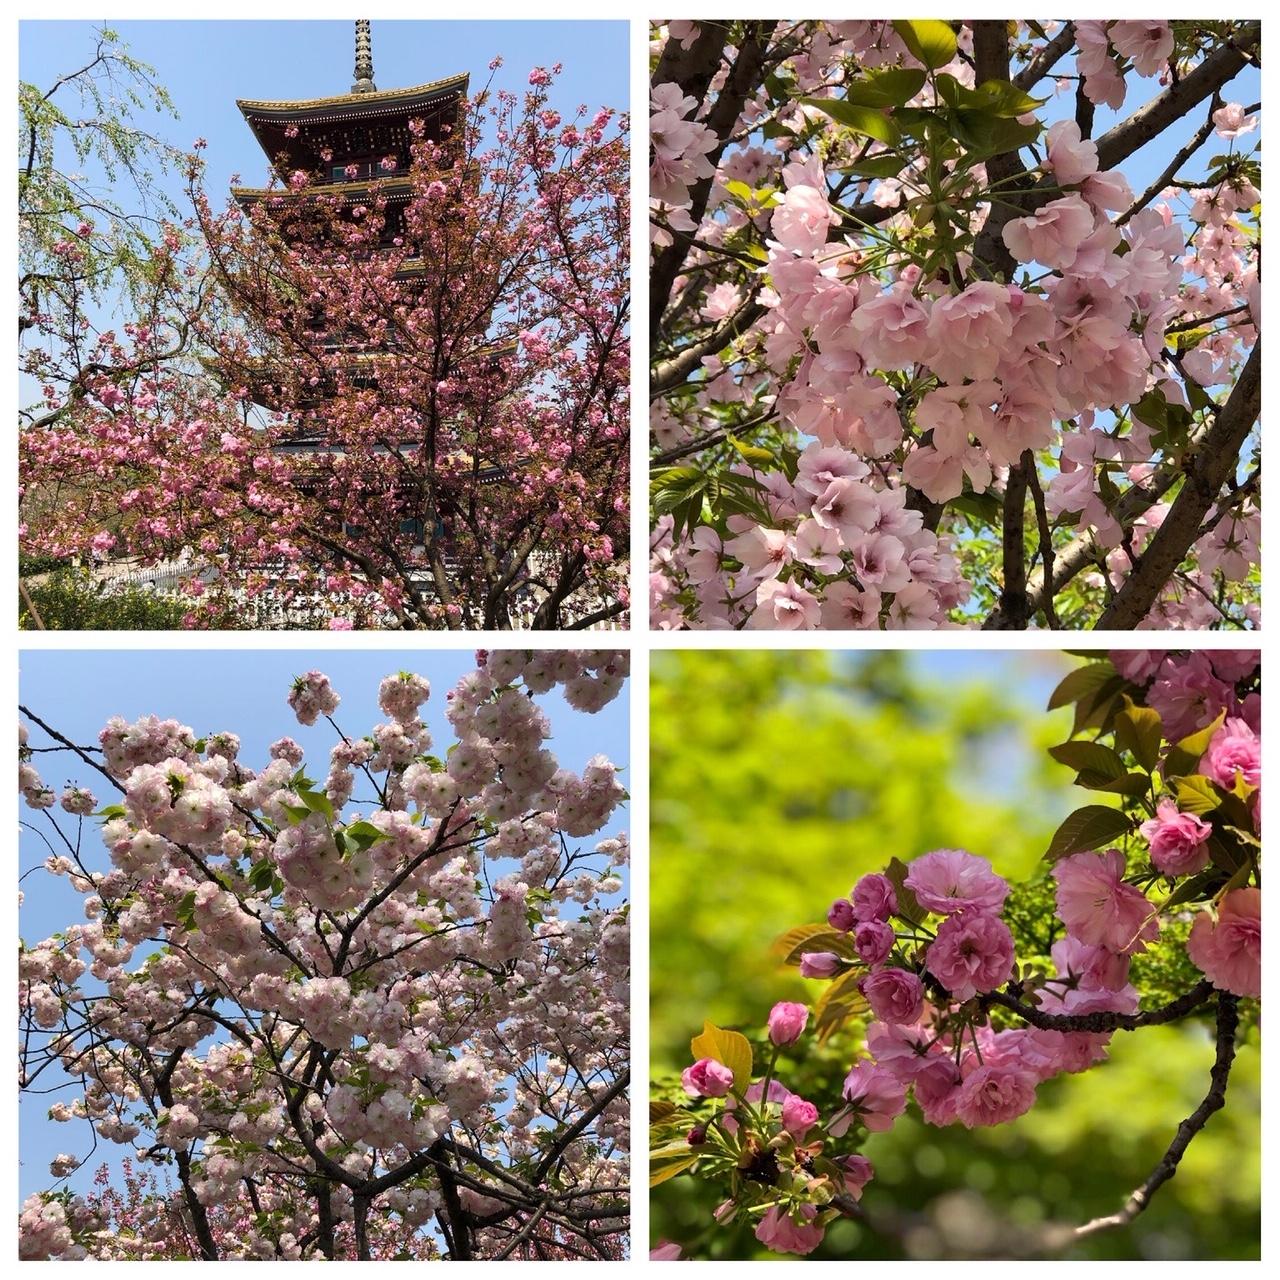 武漢•東湖風景区に咲く桜(2019年4月1日撮影)